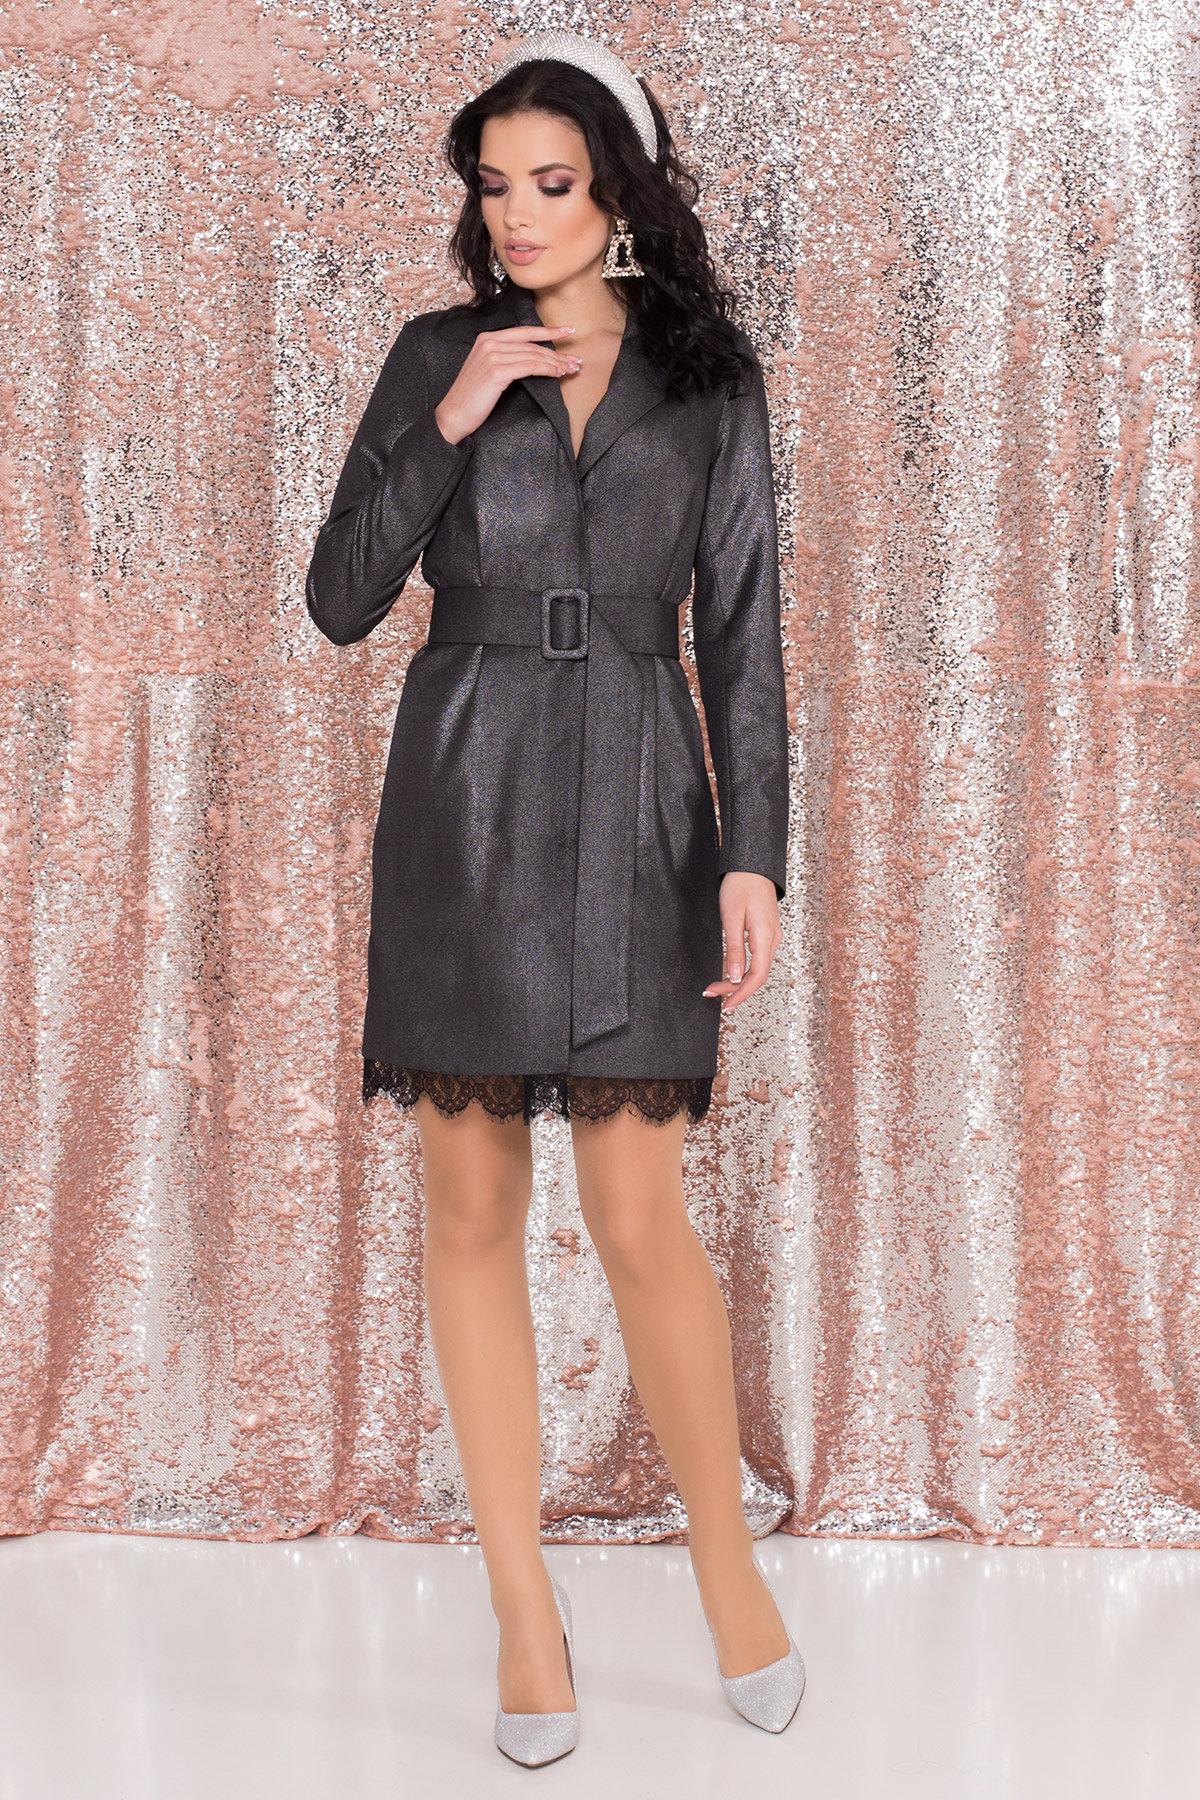 Платье-жакет Маренго 8587 АРТ. 44899 Цвет: Черный - фото 4, интернет магазин tm-modus.ru